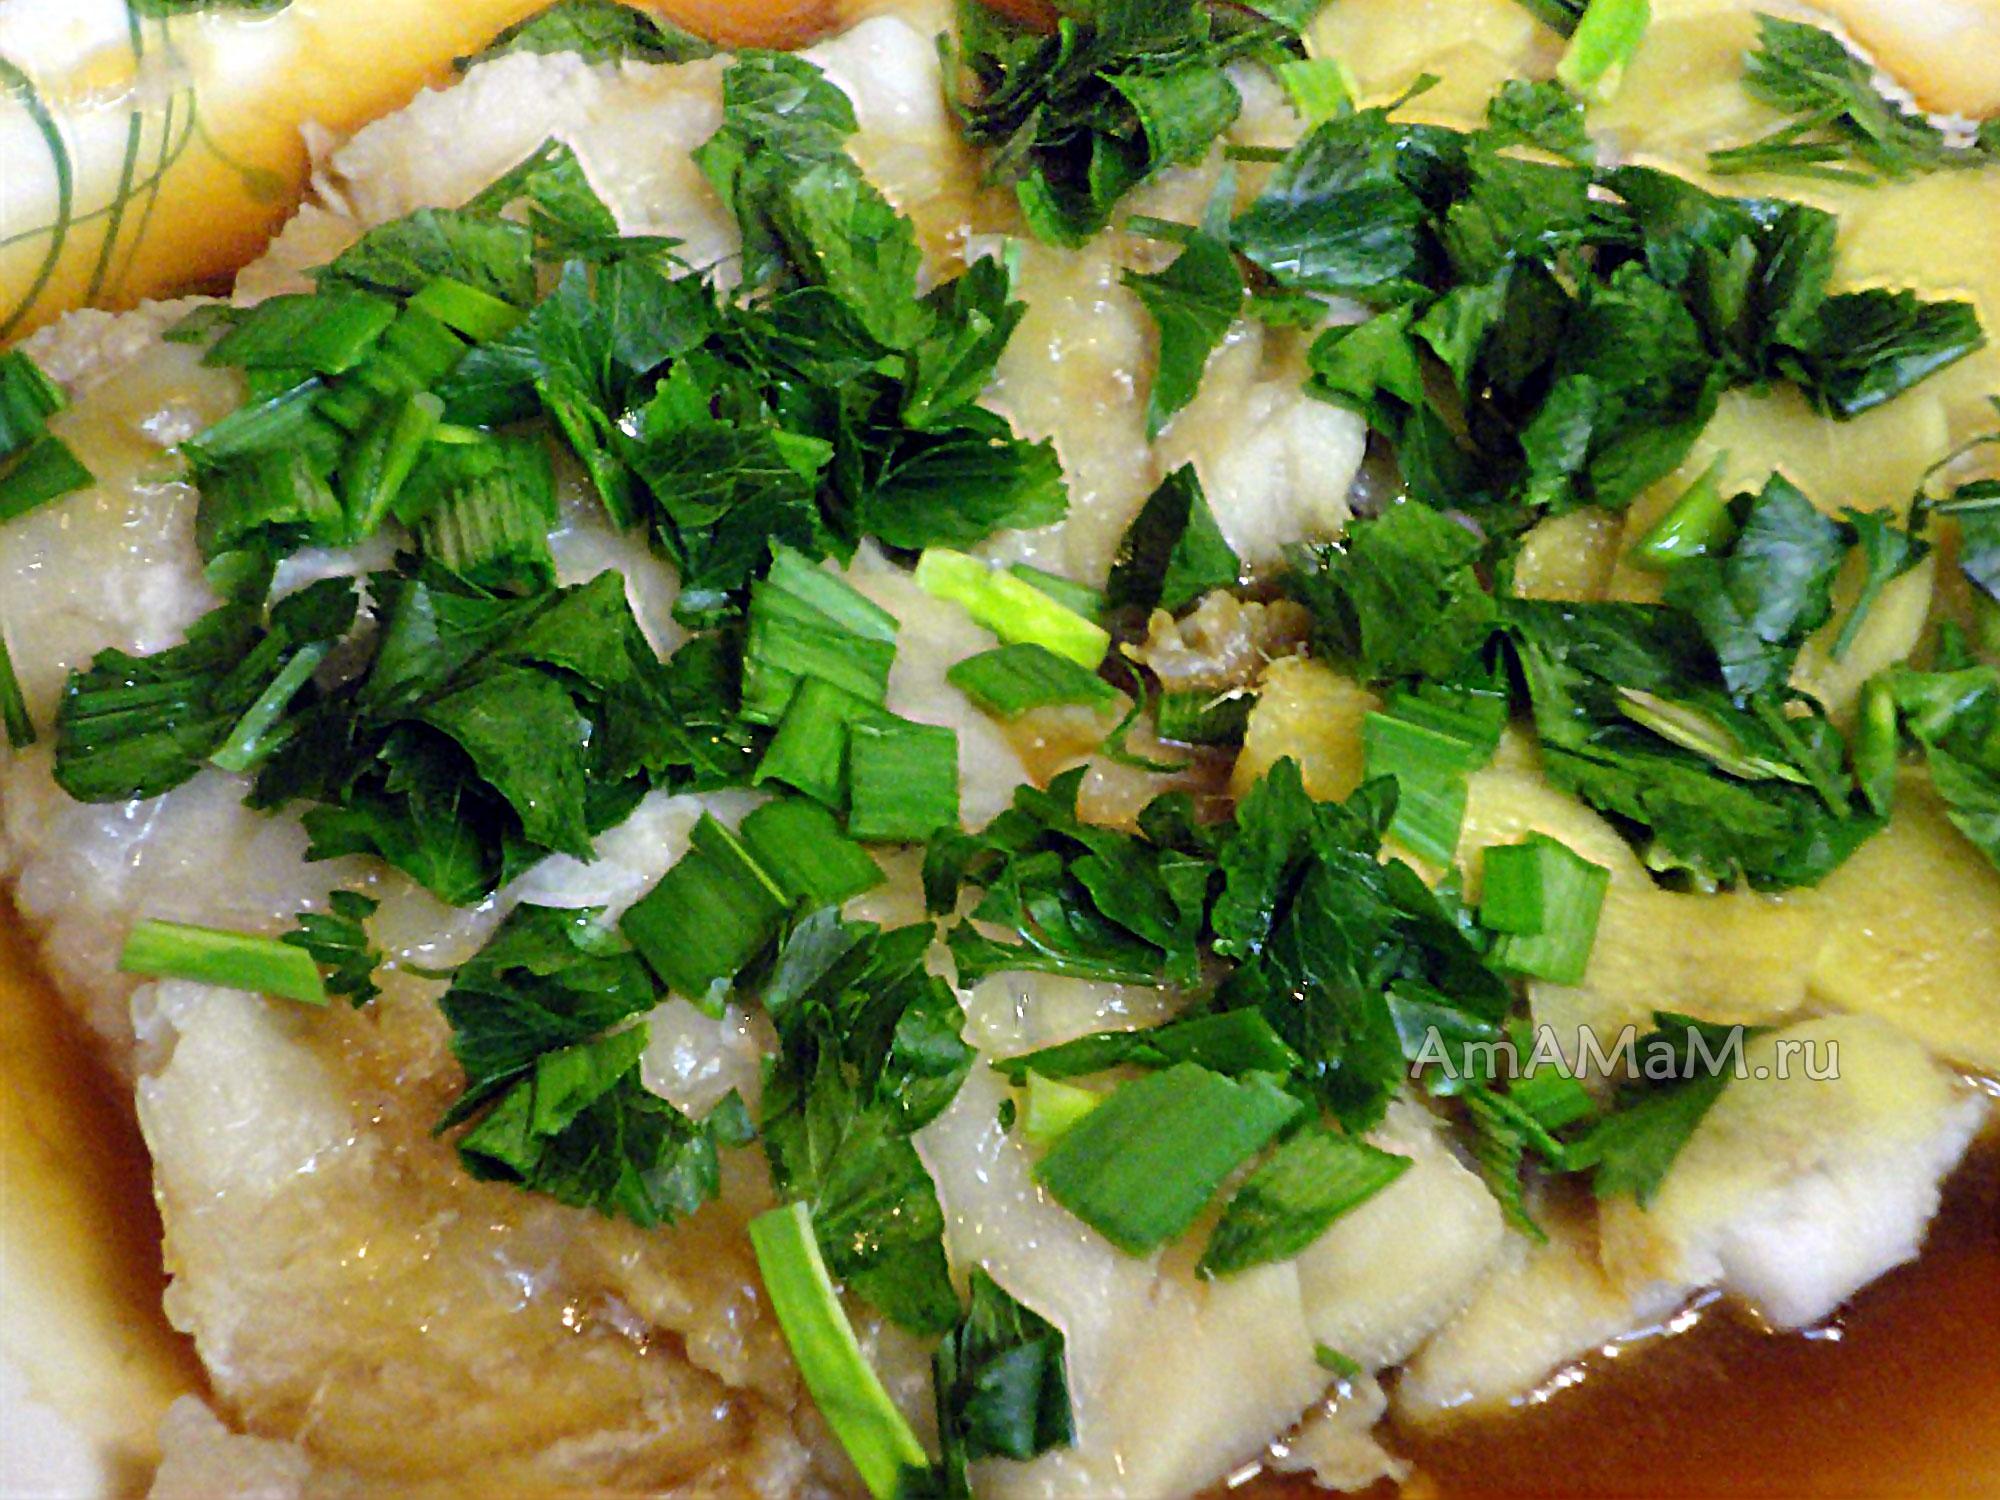 Пикша в пароварке рецепт